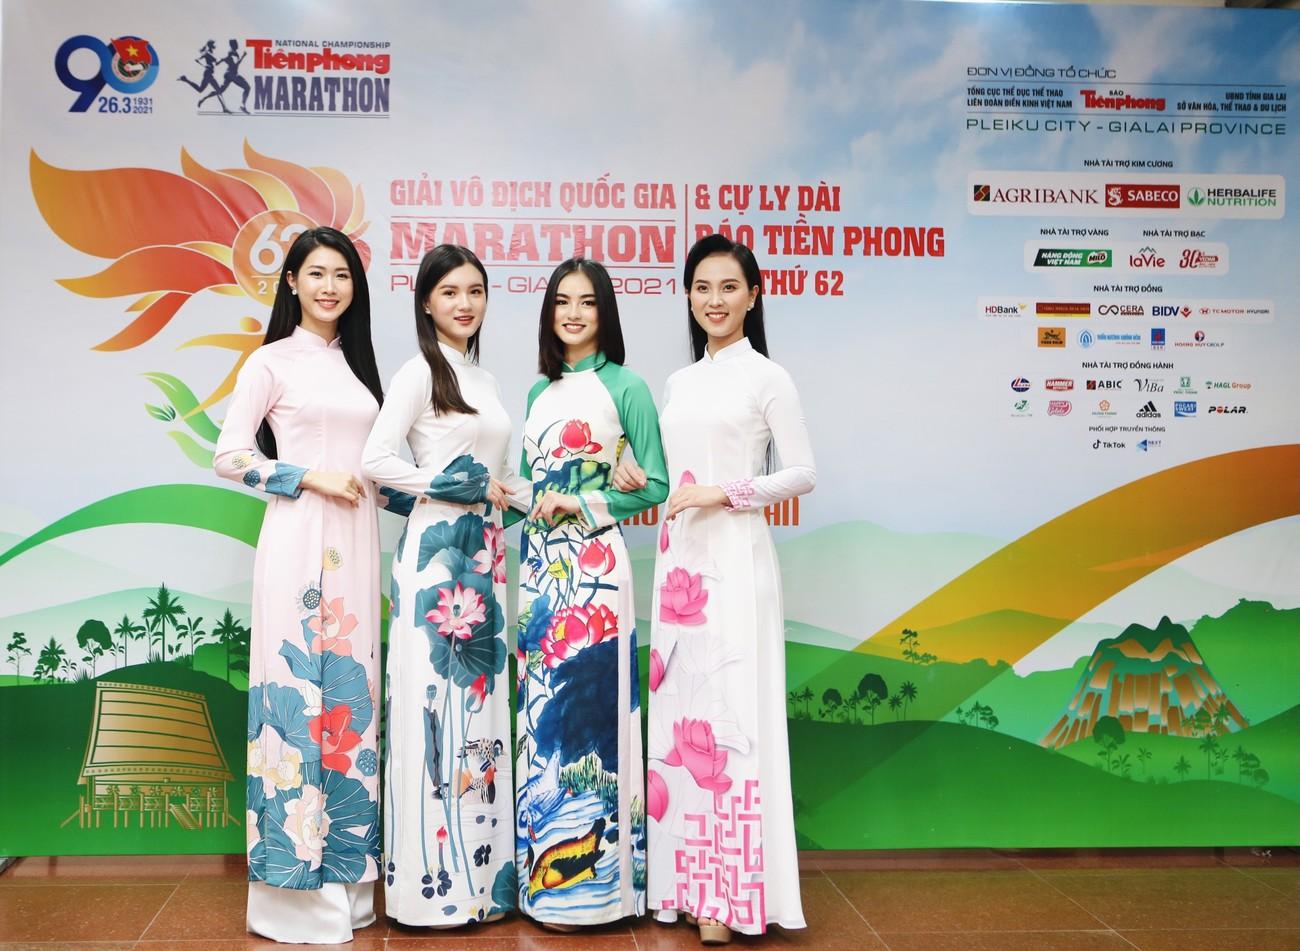 Dàn Hoa, Á hậu đọ sắc xinh đẹp tại họp báo Tiền Phong Marathon 2021 ảnh 8